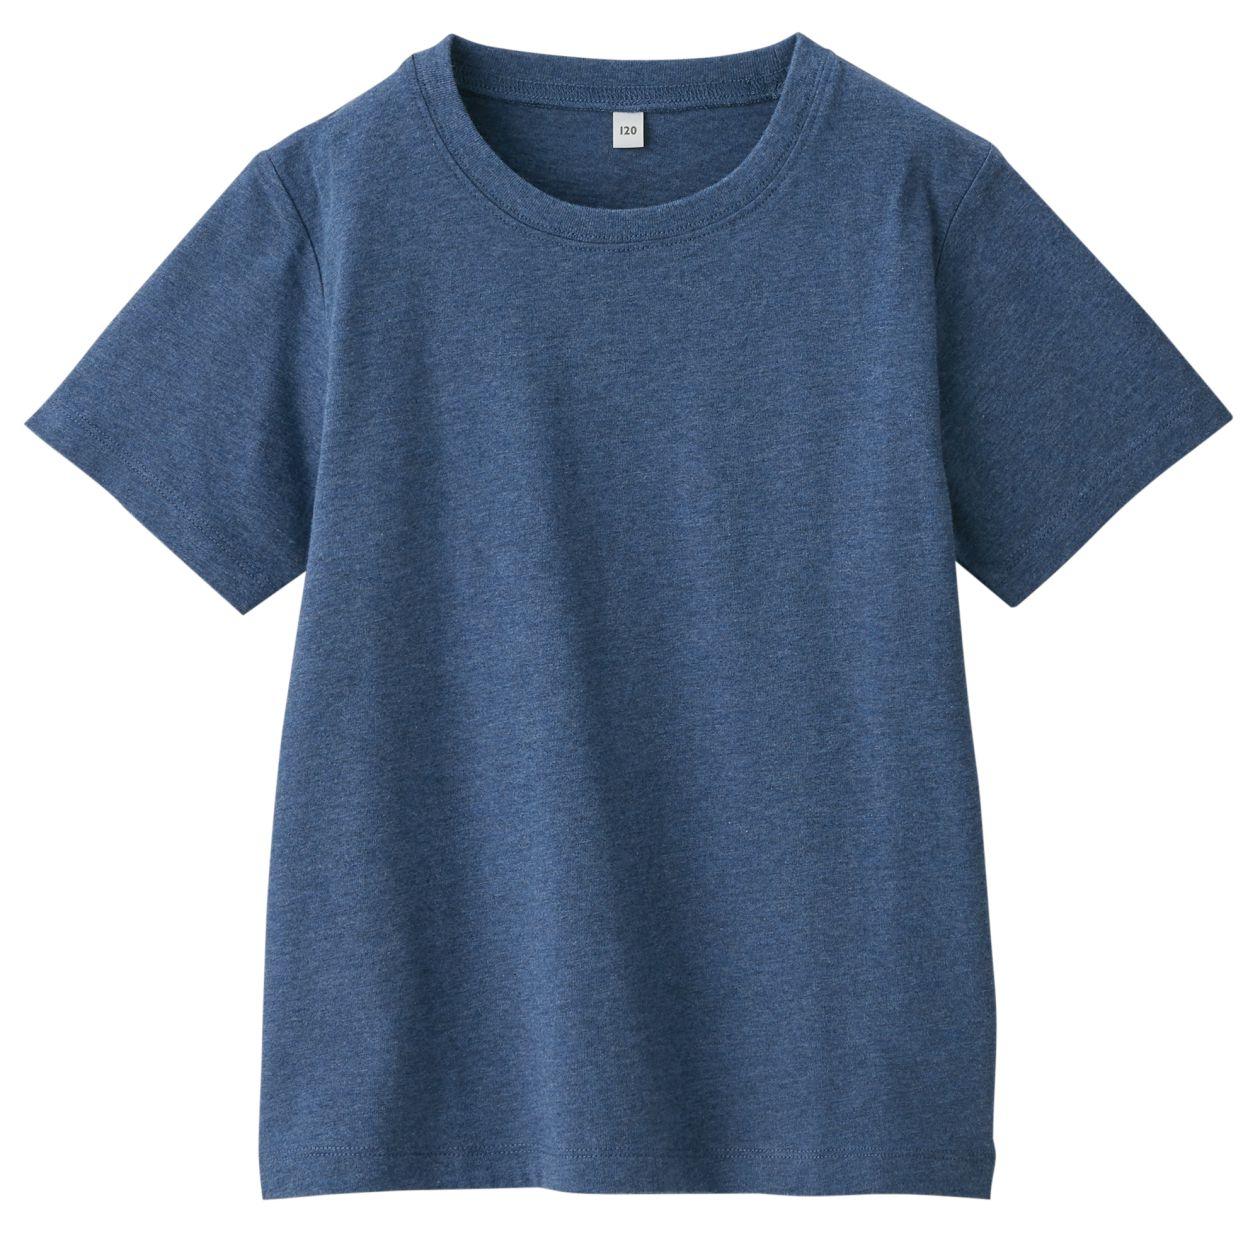 インド綿天竺編み半袖Tシャツ(キッズ)